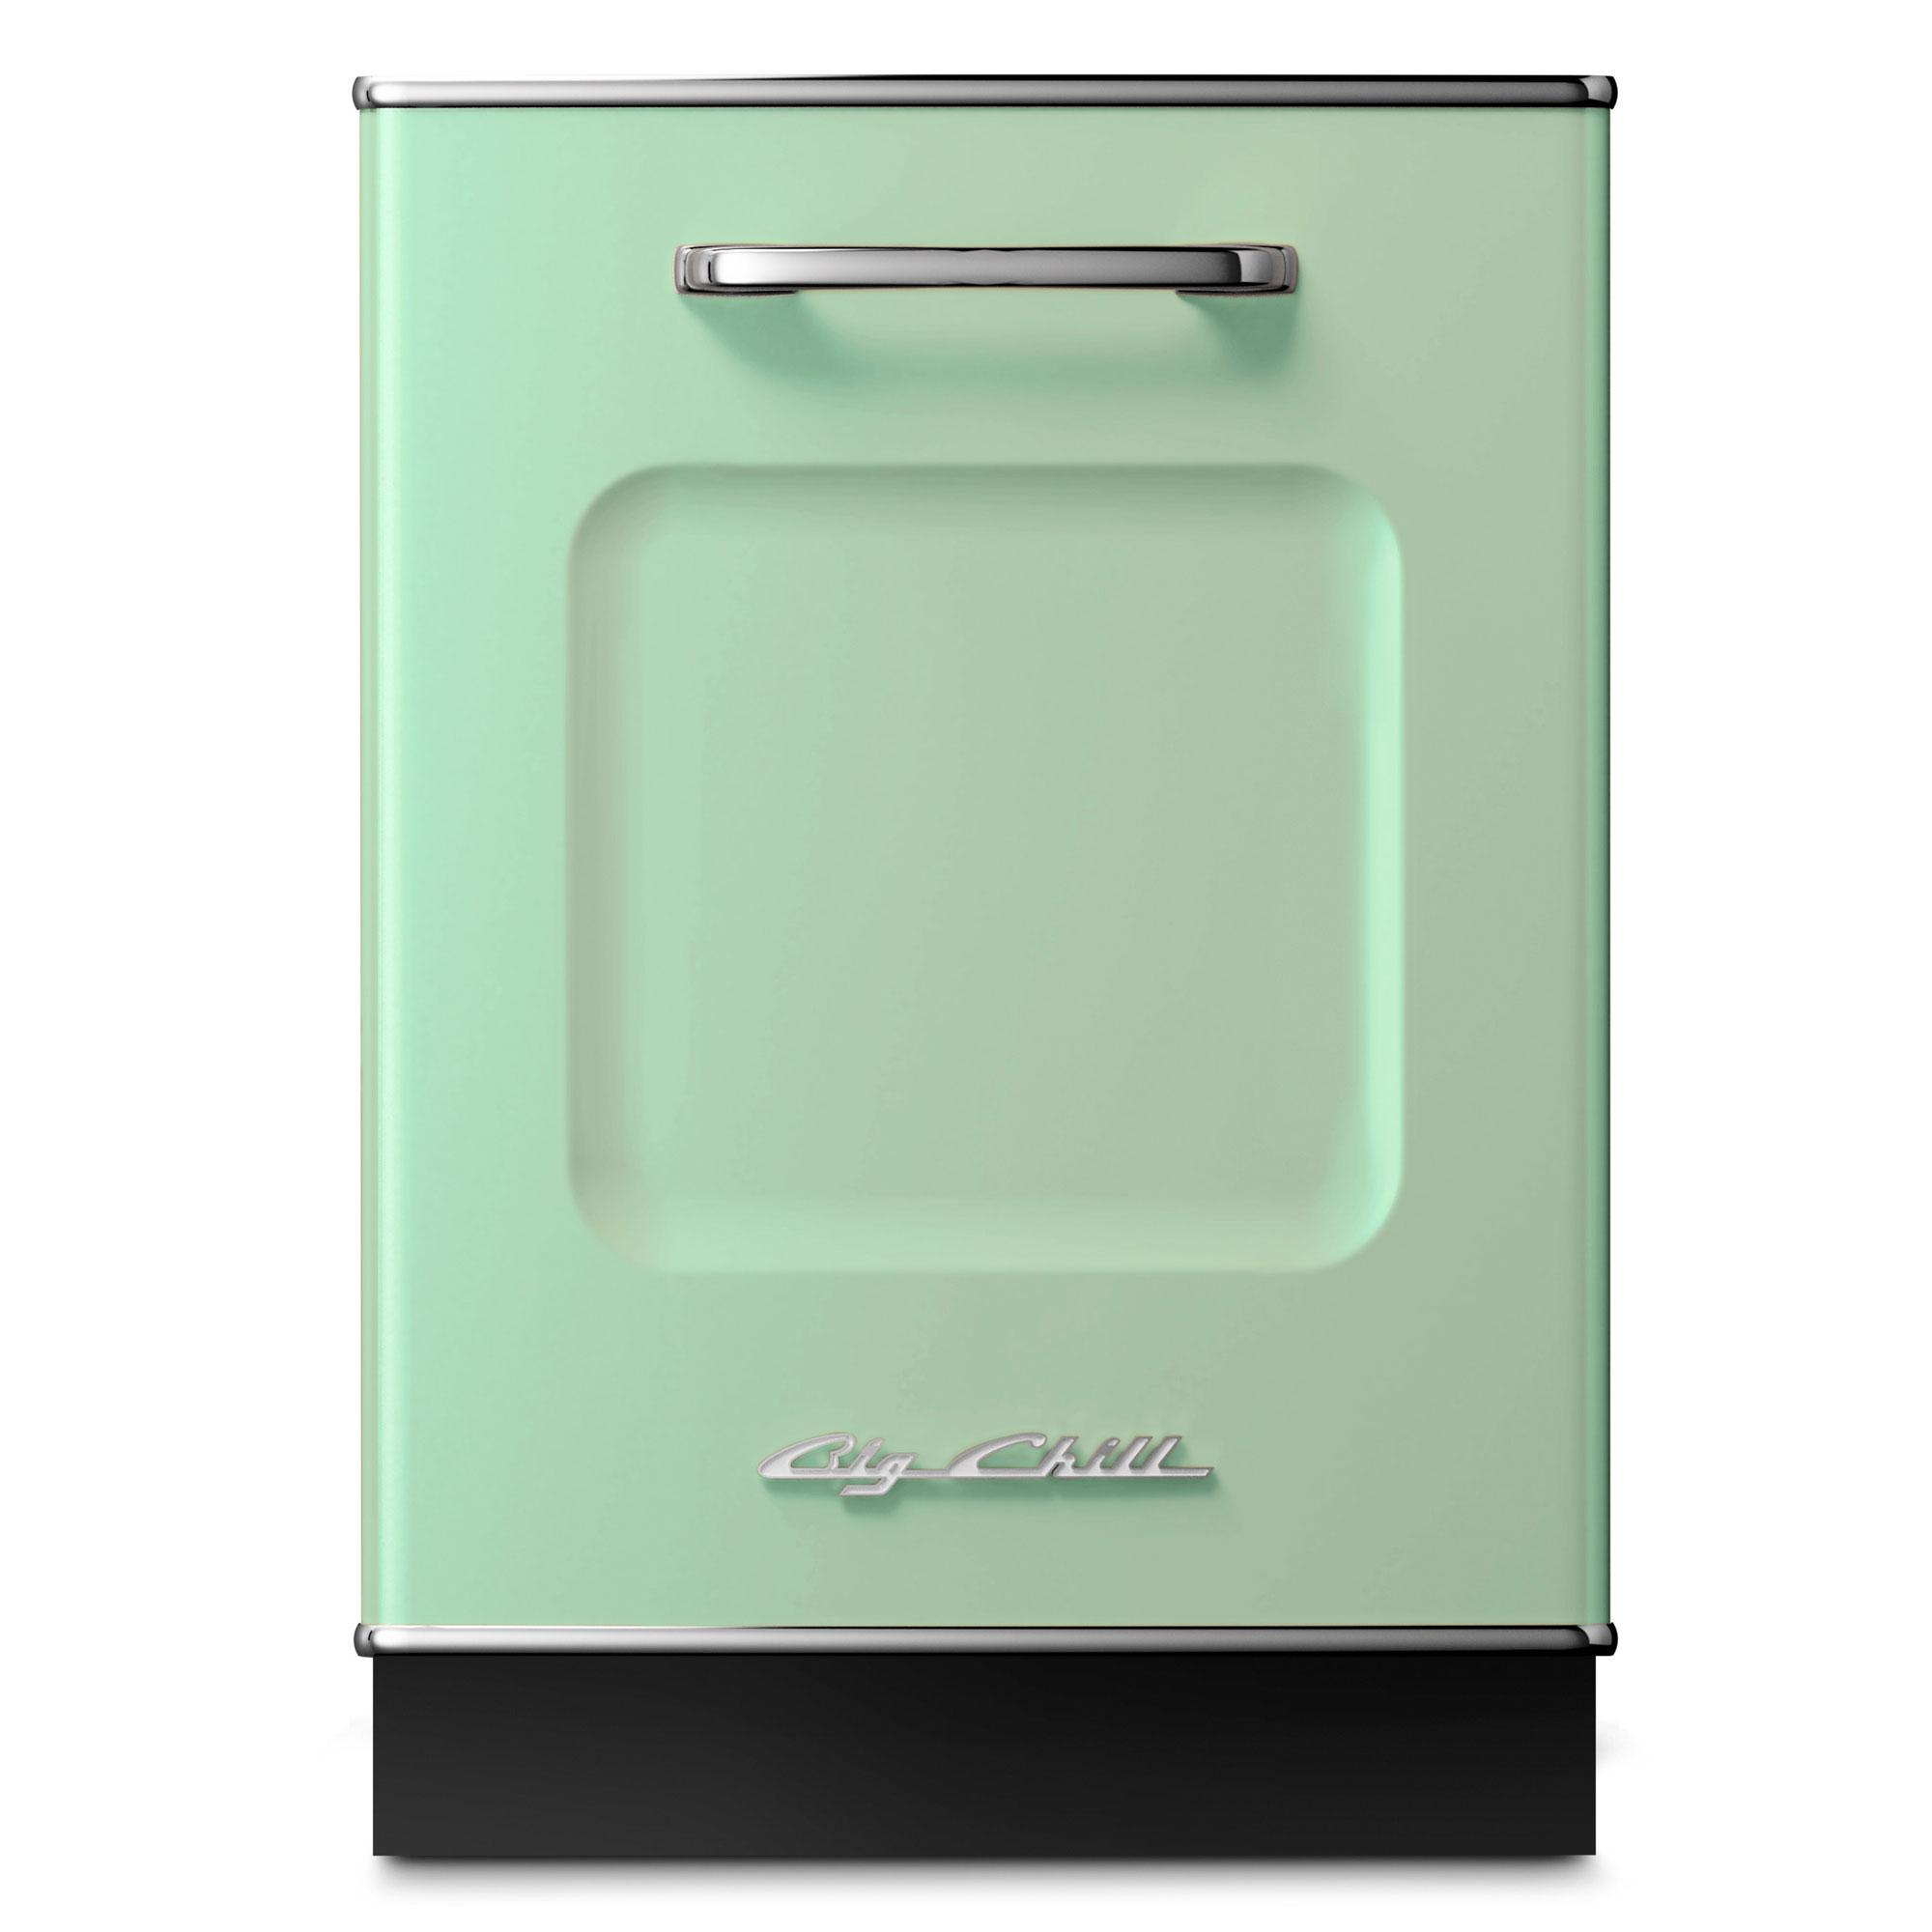 Mint Green Dishwasher